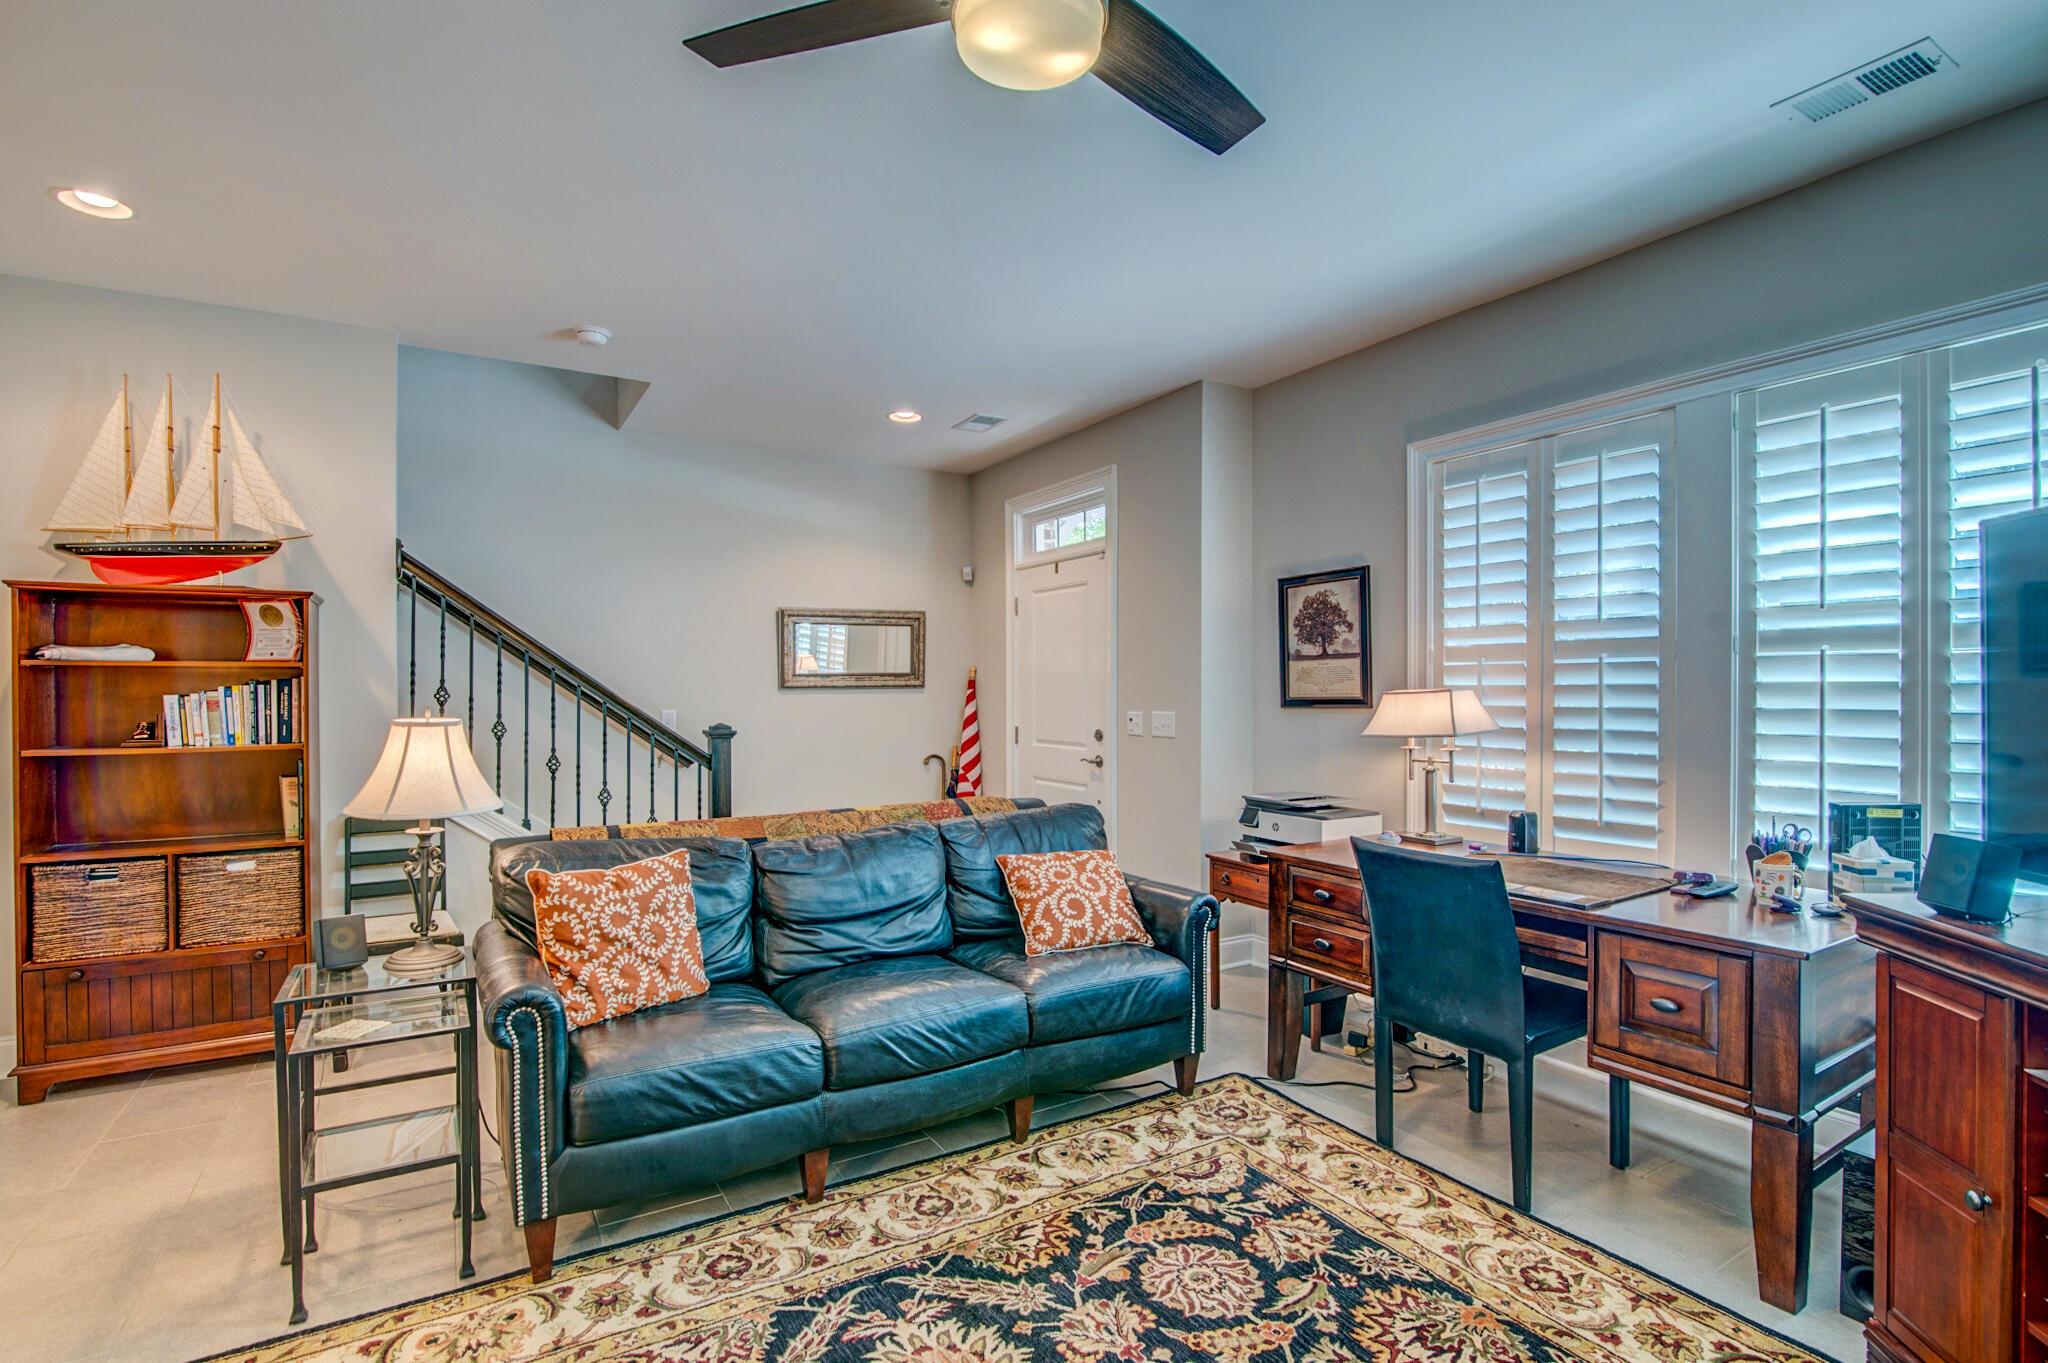 Whitesides Park Homes For Sale - 1102 Alagash Way, Mount Pleasant, SC - 3